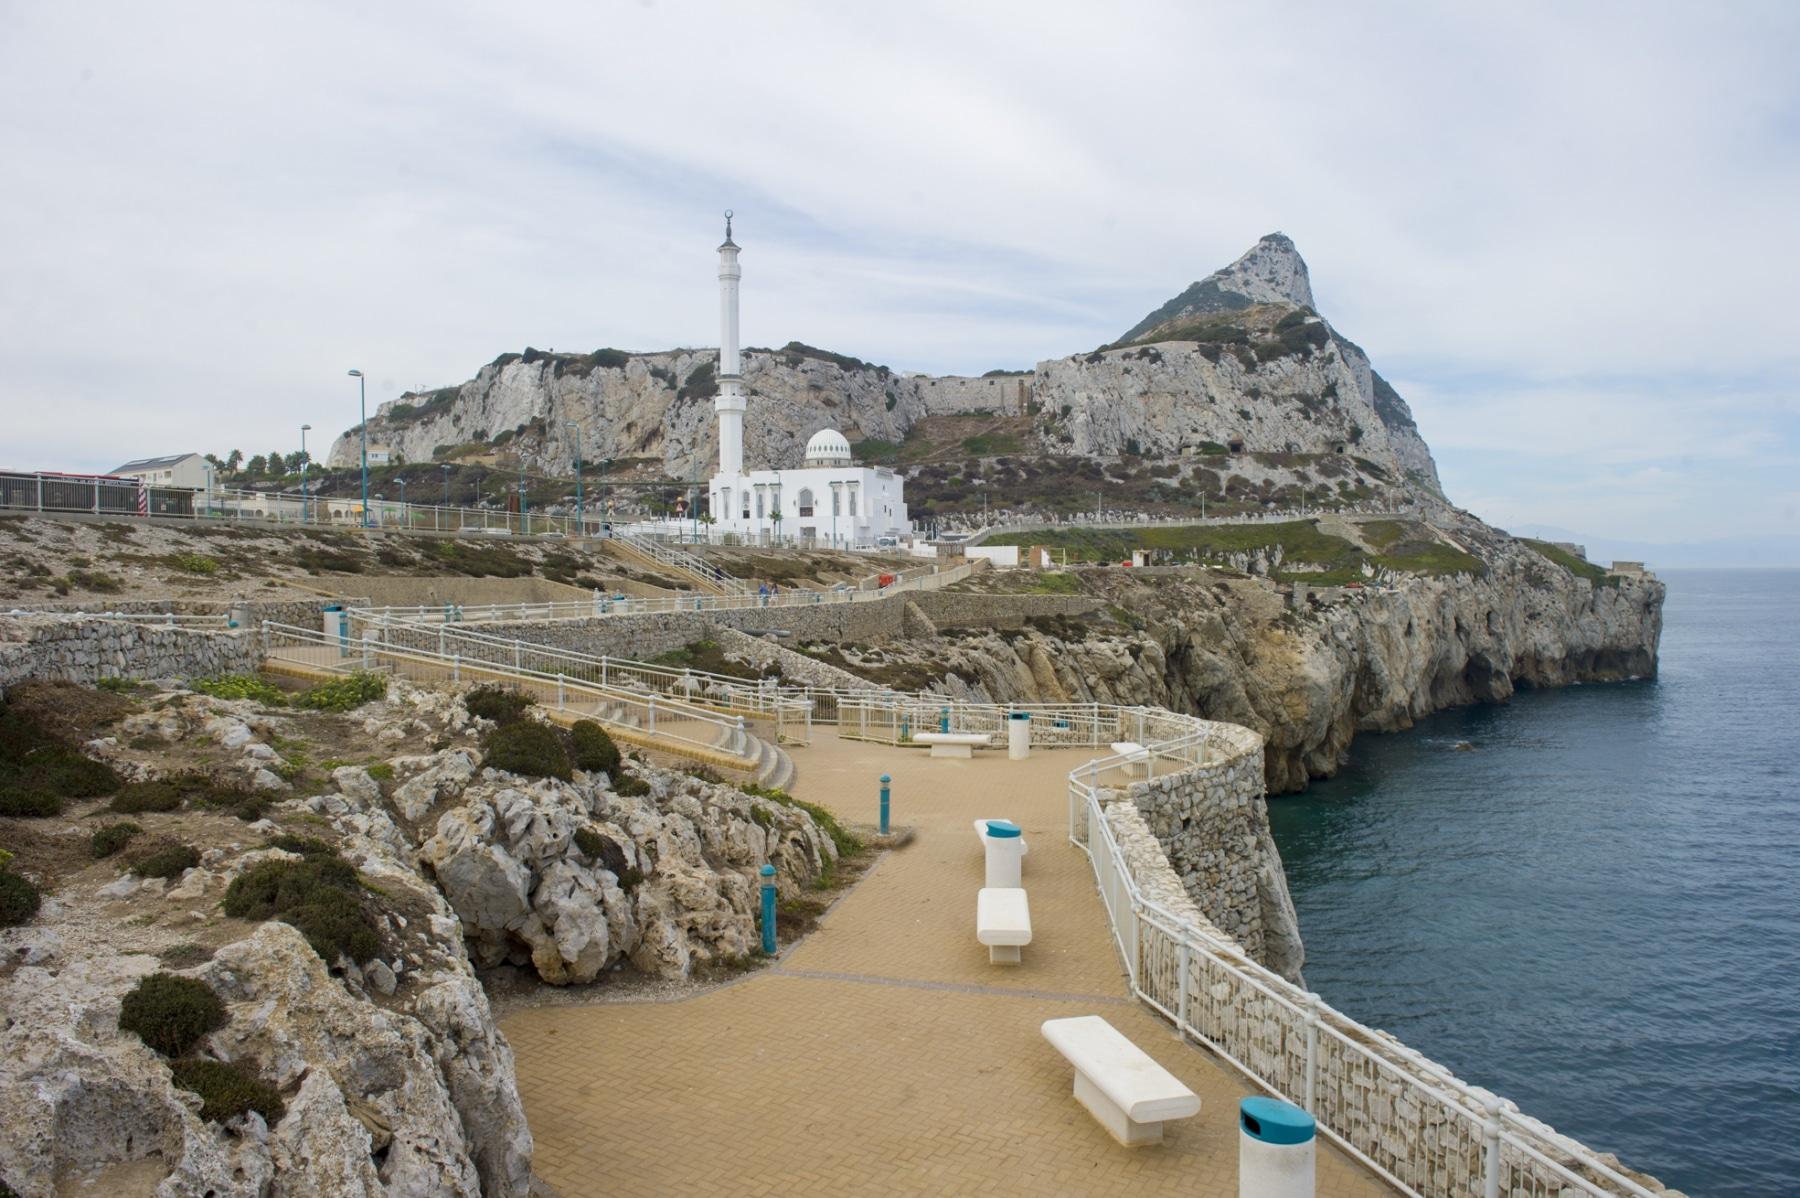 turismo-en-gibraltar-092015-641_22754542821_o